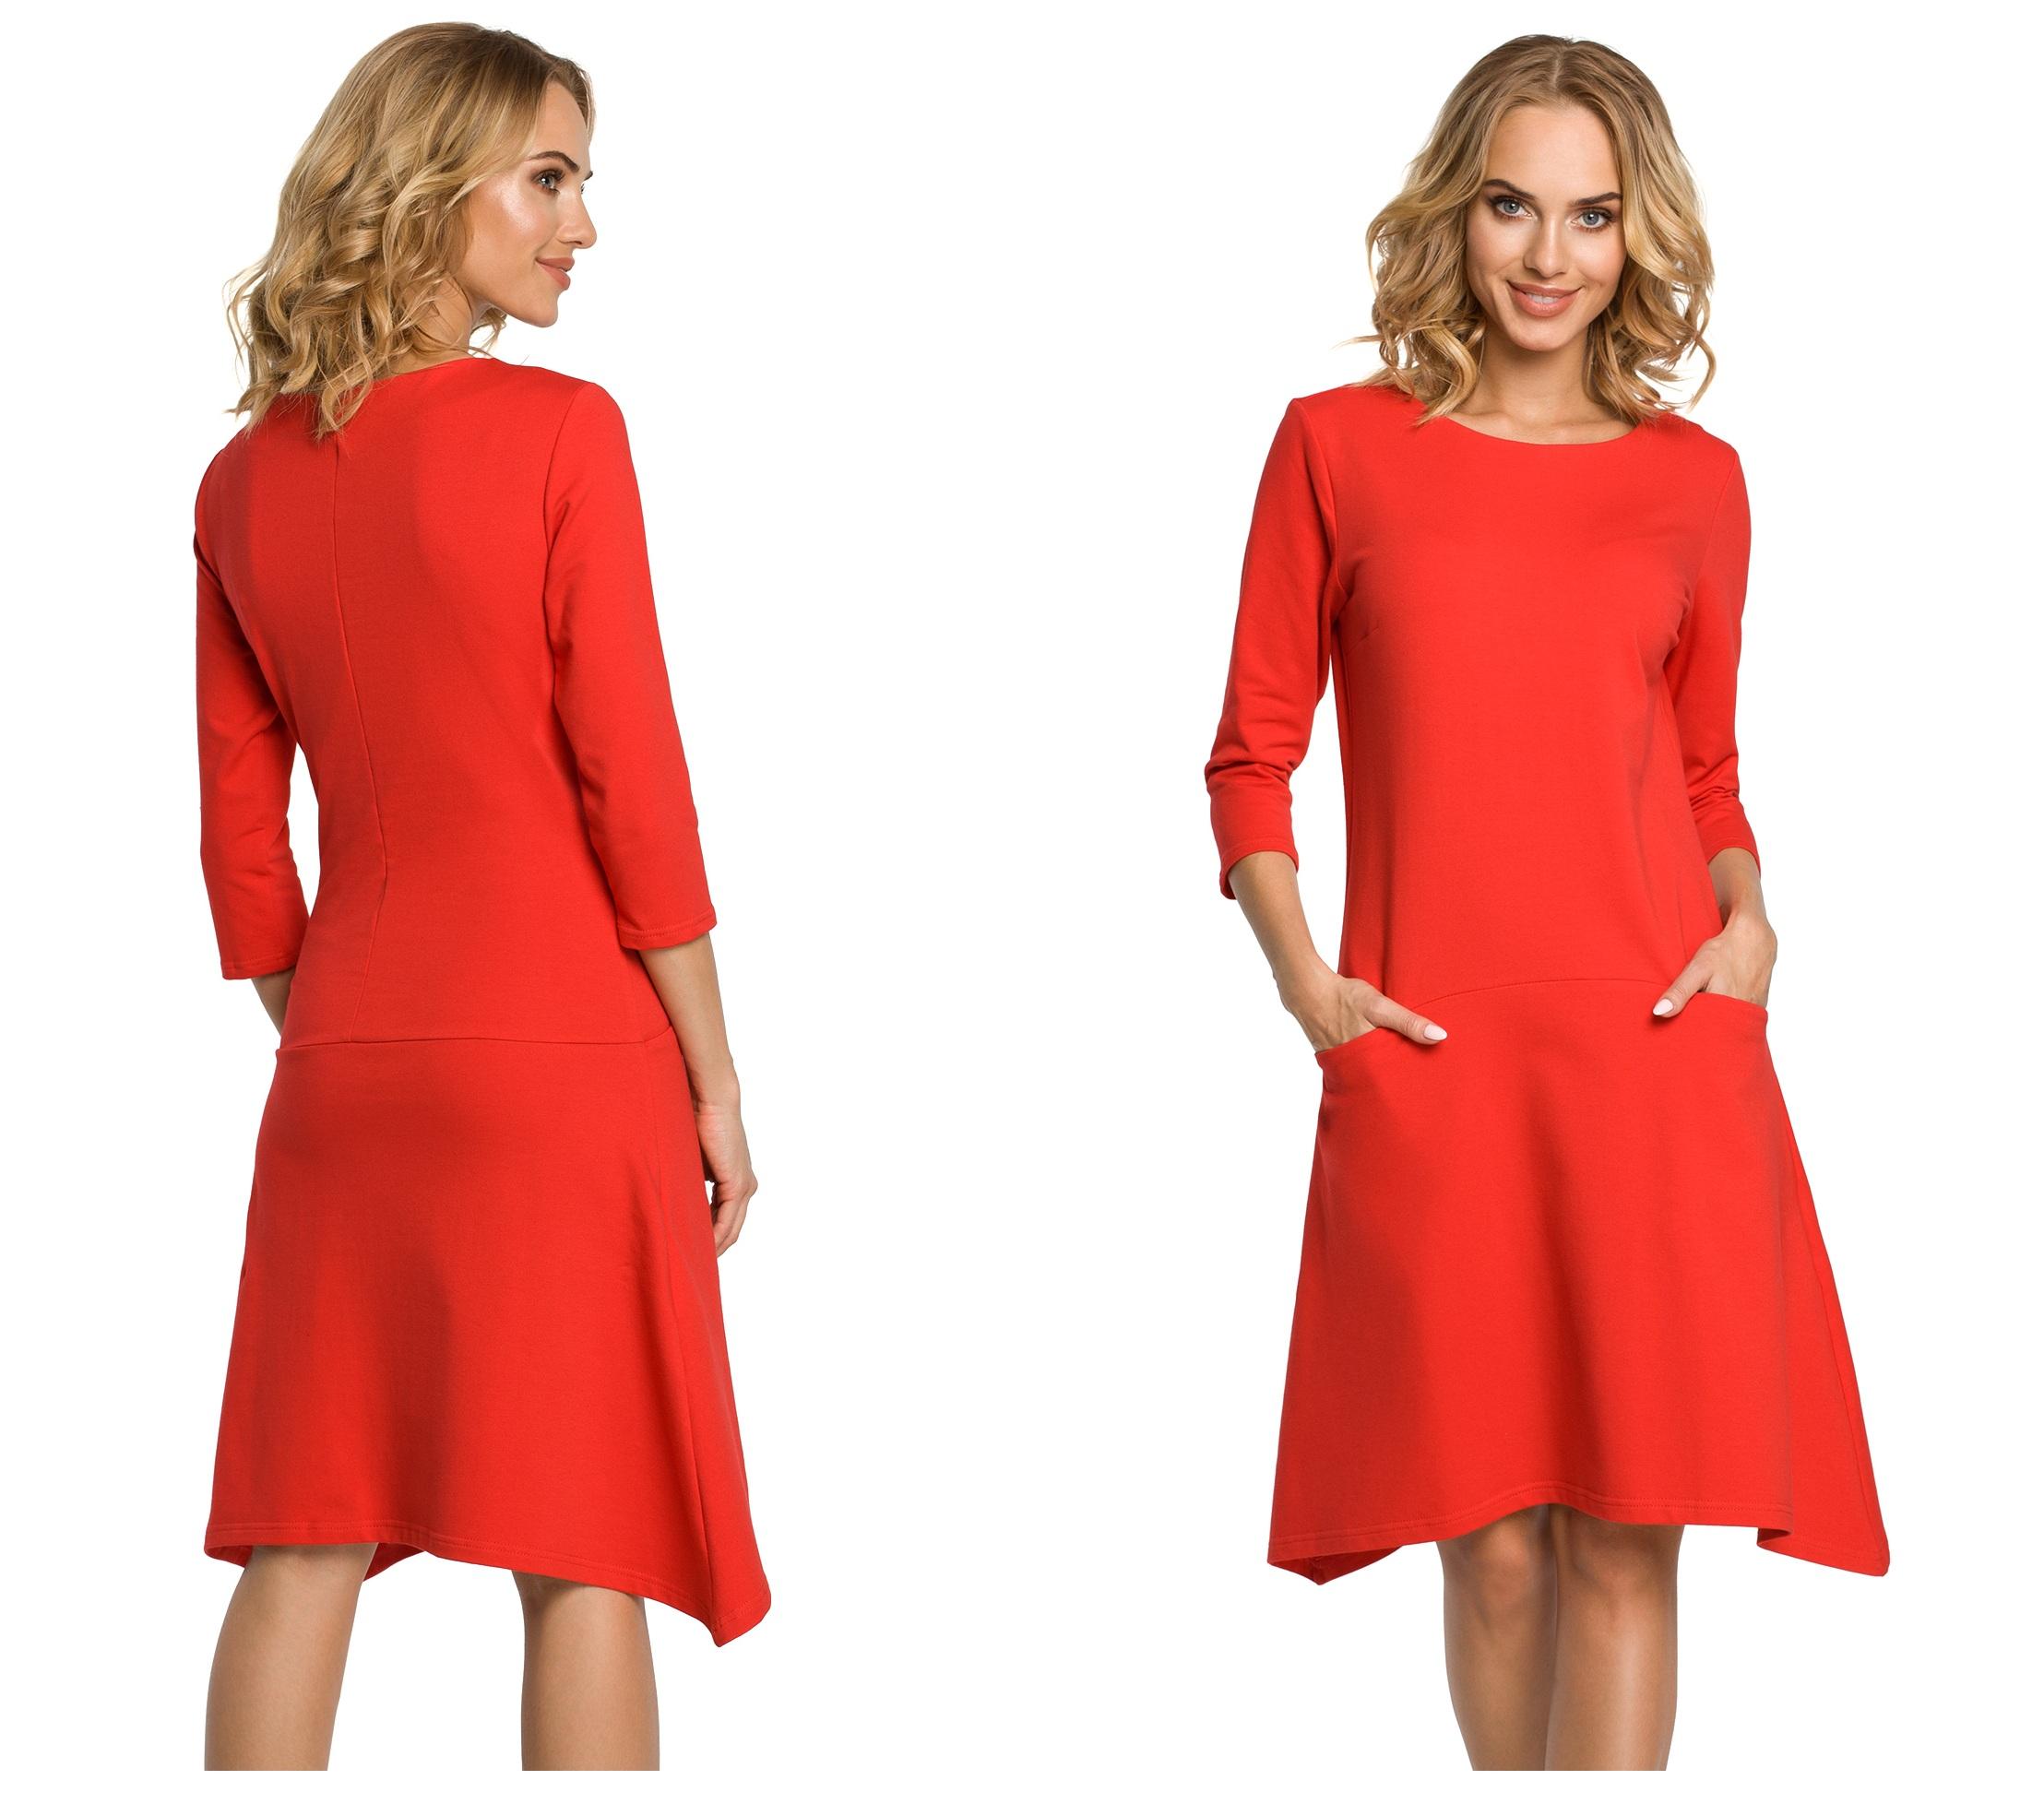 Sukienka Dresowa Bawełniana Sportowa Elegancja